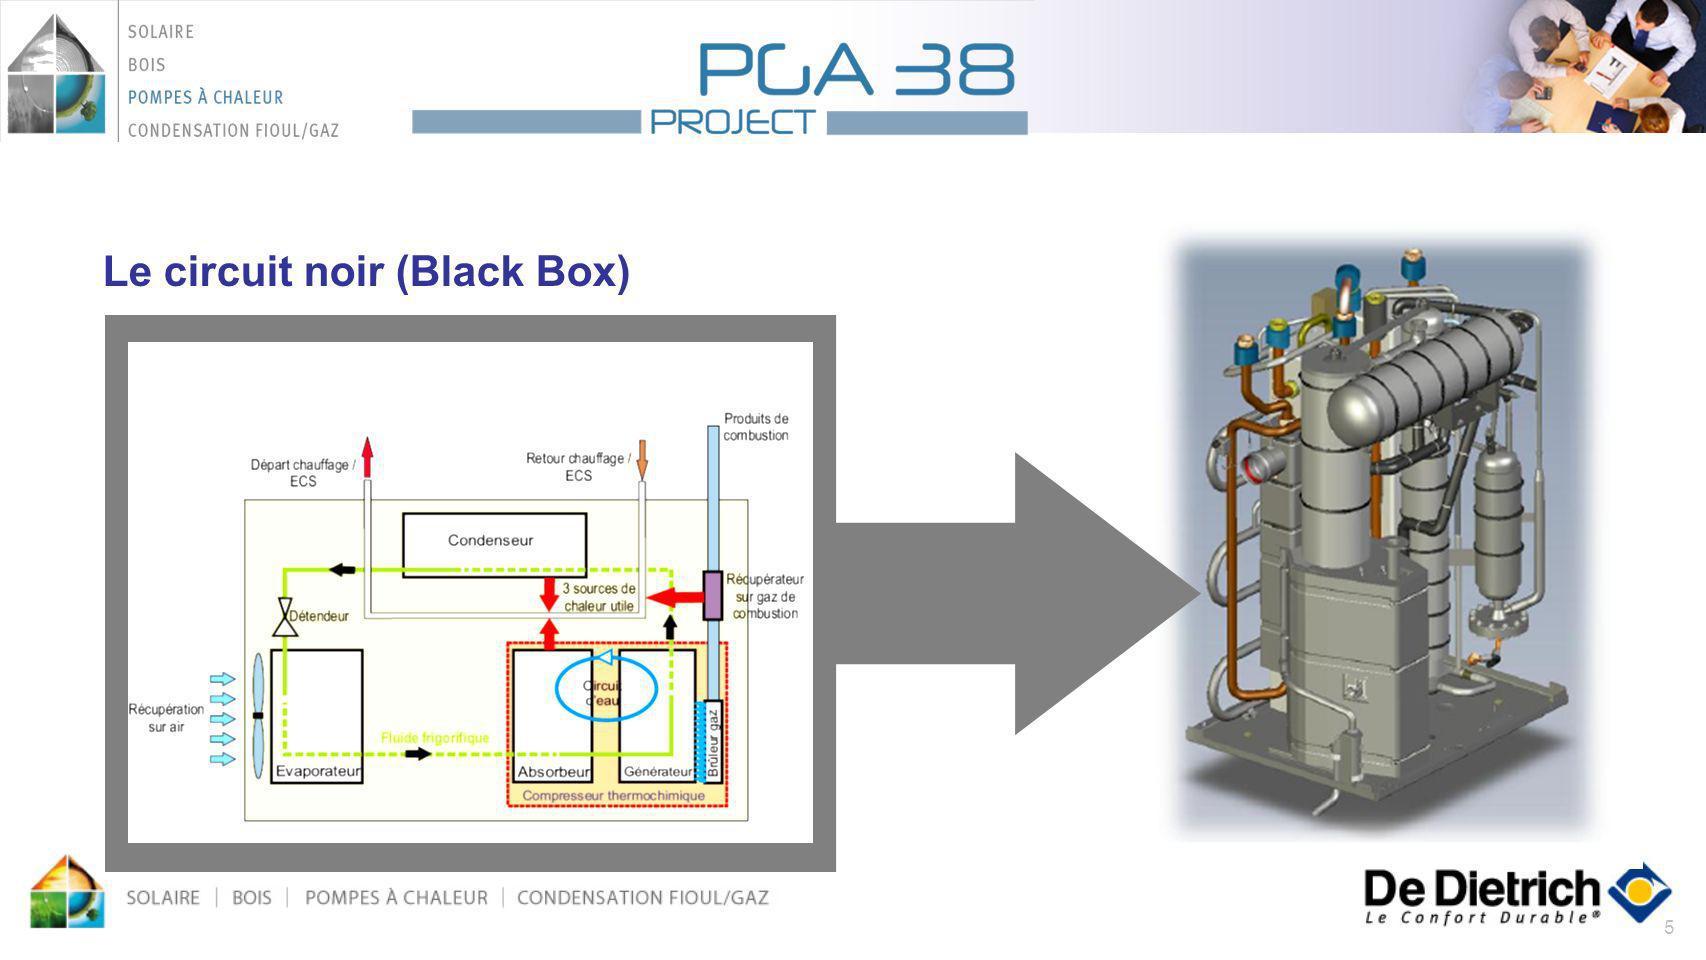 Le circuit noir (Black Box)